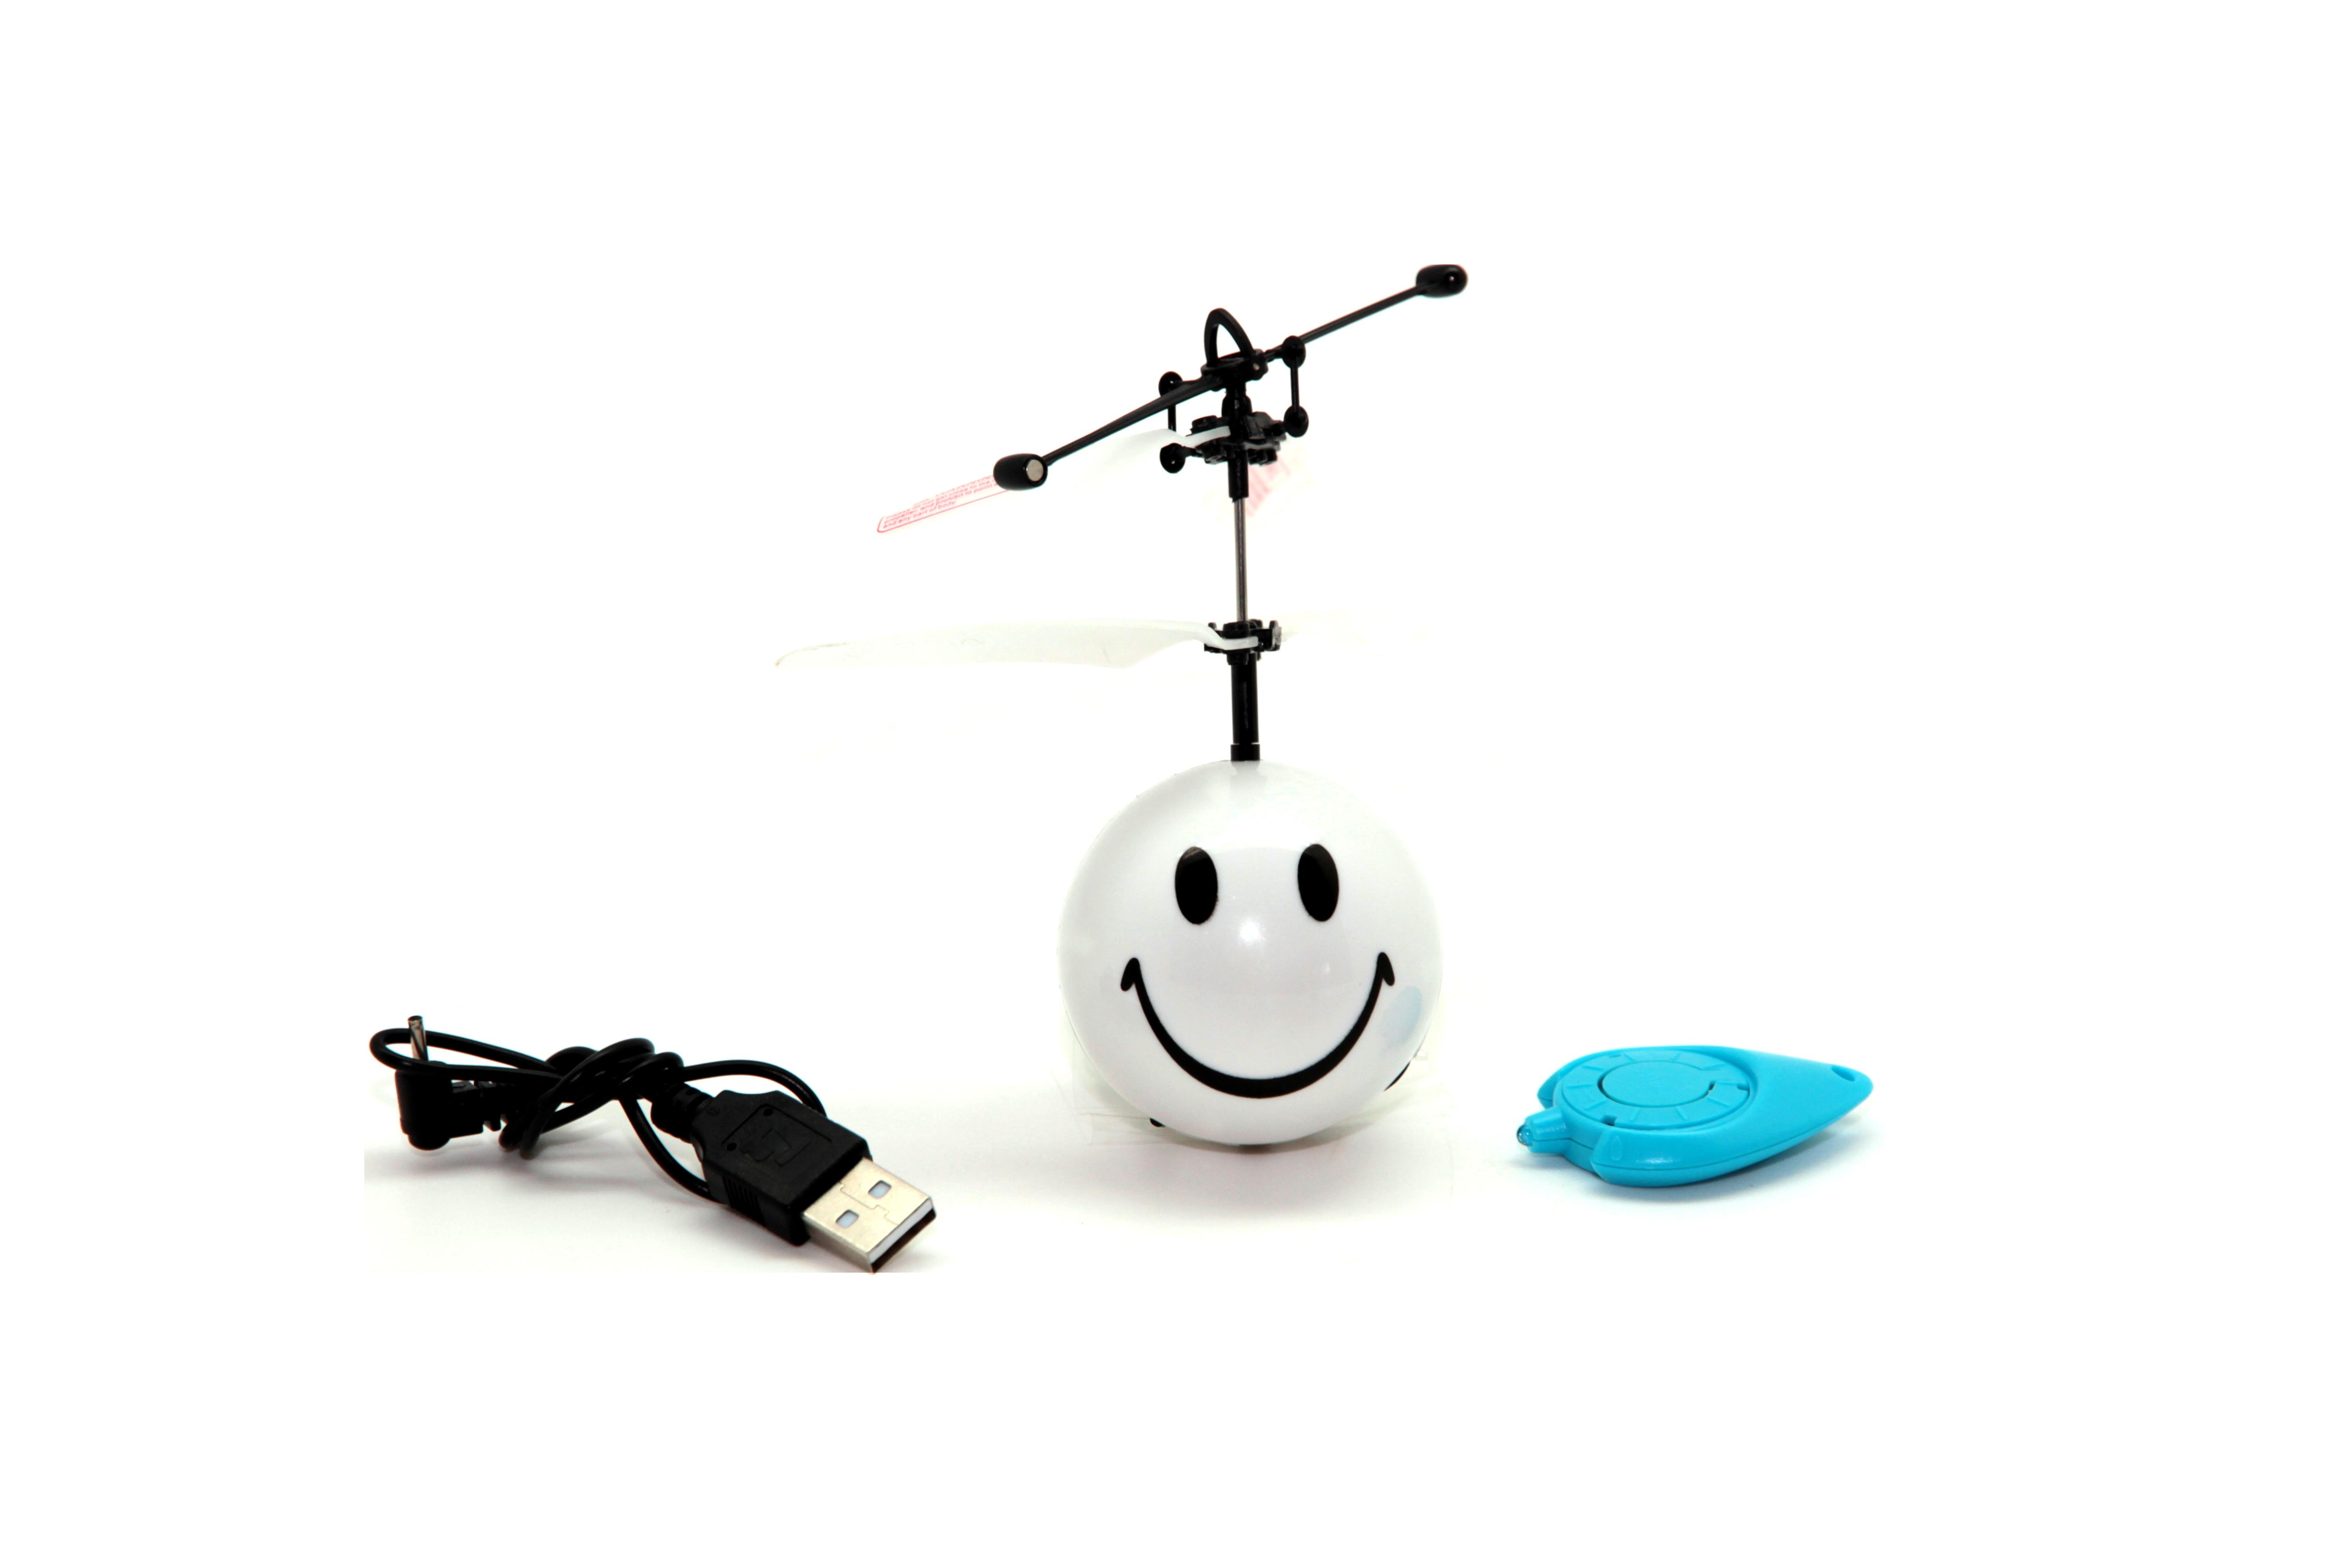 Игрушка радиоуправляемая Balbi FB-002W, A0G1082761 белыйA0G1082761Мини-флаер - игрушка с дистанционным управлением на инфракрасных лучах, встроенным электронным гироскопом, световыми эффектами. Мини-флаер двигается вверх и вниз. Запуск можно осуществлять внутри помещений. Управляется с пульта-брелока. Нажмите кнопку на брелоке, у мини-флаера заработает мотор, закрутятся лопасти. Отпустите мини-флаер, летая, игрушка будет отталкиваться от препятствий и снова подниматься вверх. Время зарядки - 20-30 минут (заряжается через USB). Время беспрерывного полета - 5-8 минут. Батарейки для брелока - CR2032 3V (в комплекте). Вид: Смайлик.